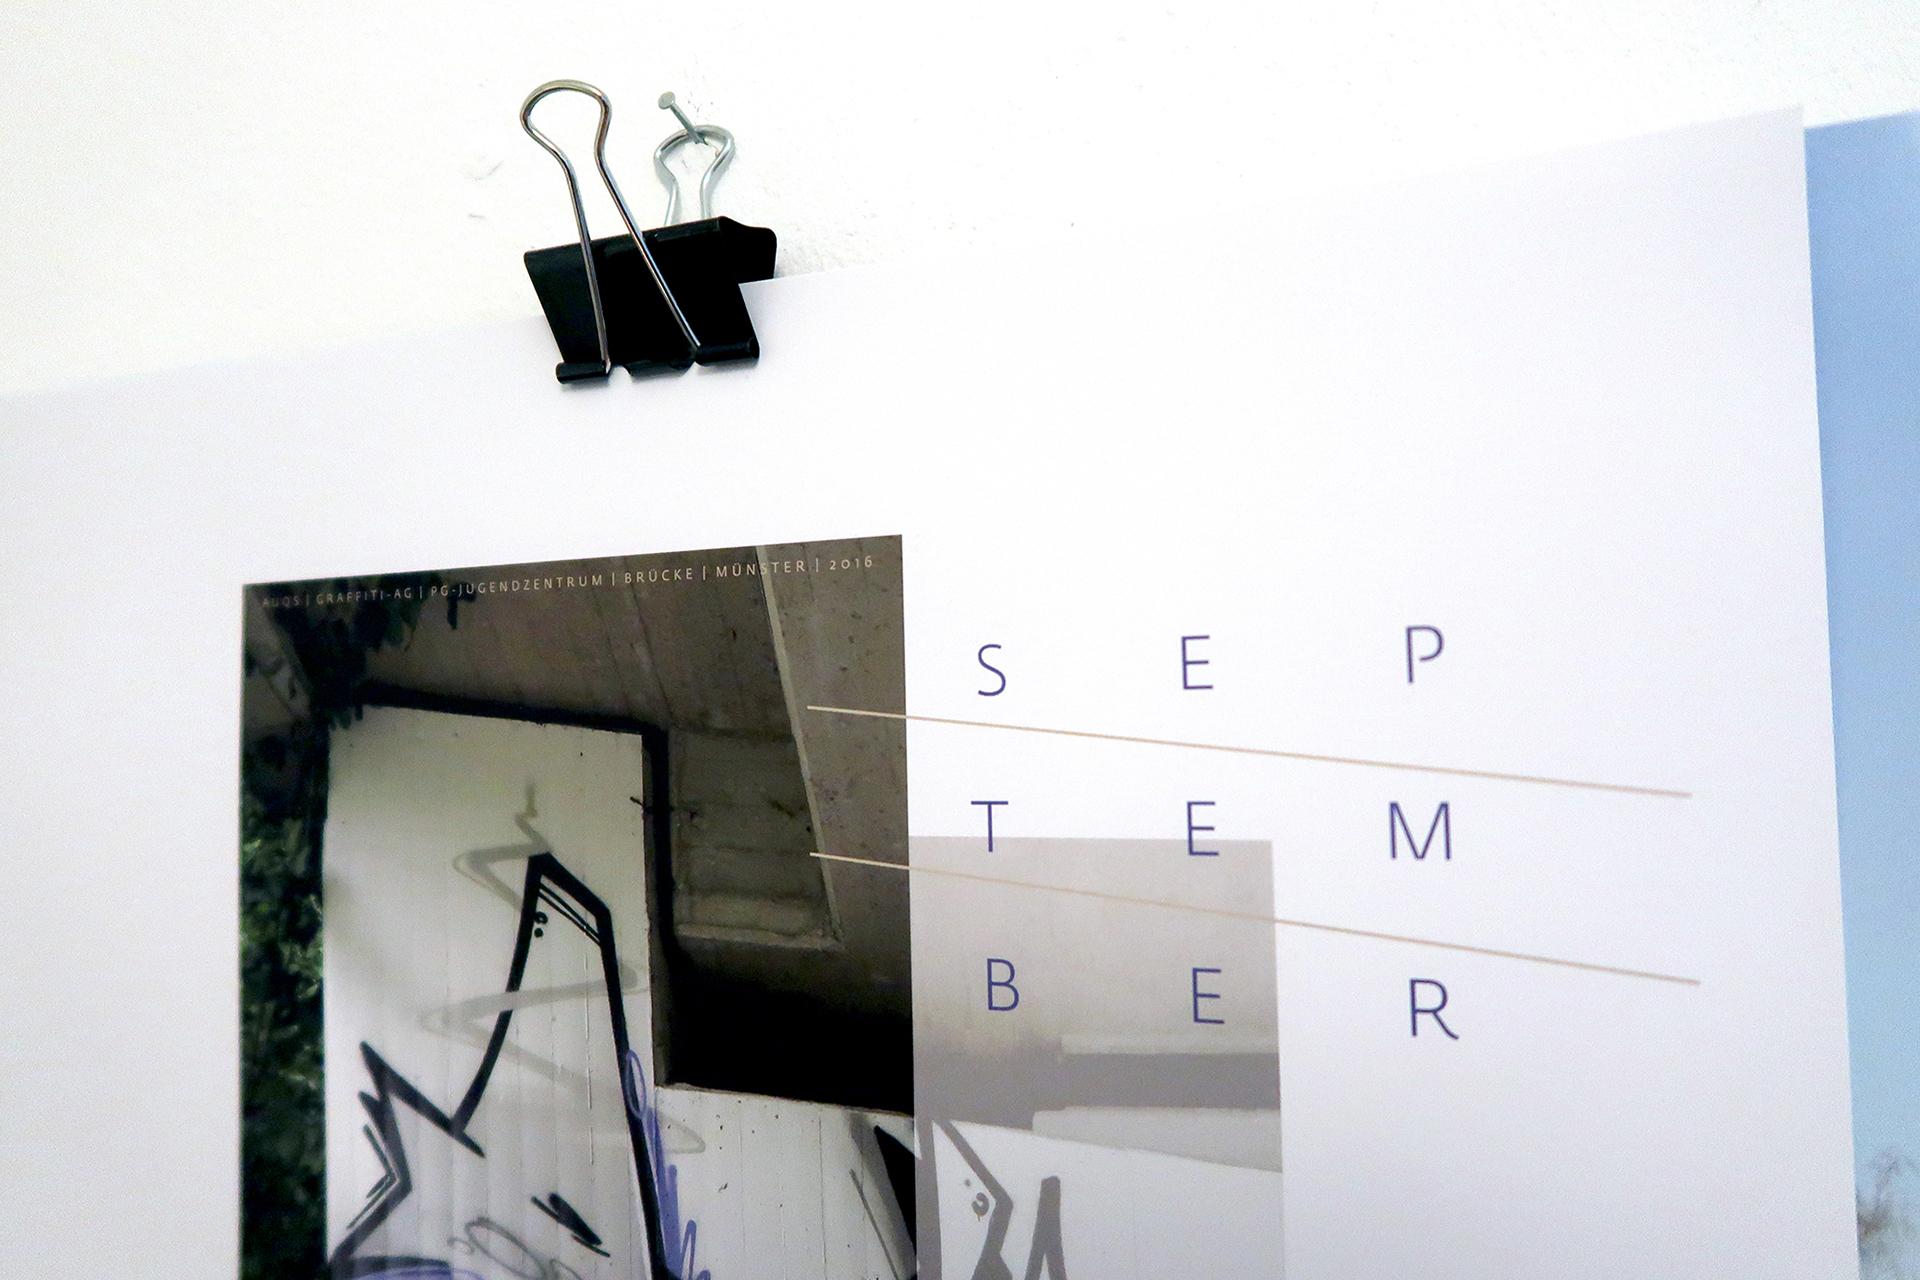 Designprojekt, Graffiti, Design, Kalender, 2019, Projekt, Münster, Bennet, Grüttner, Auckz, Format, Papier